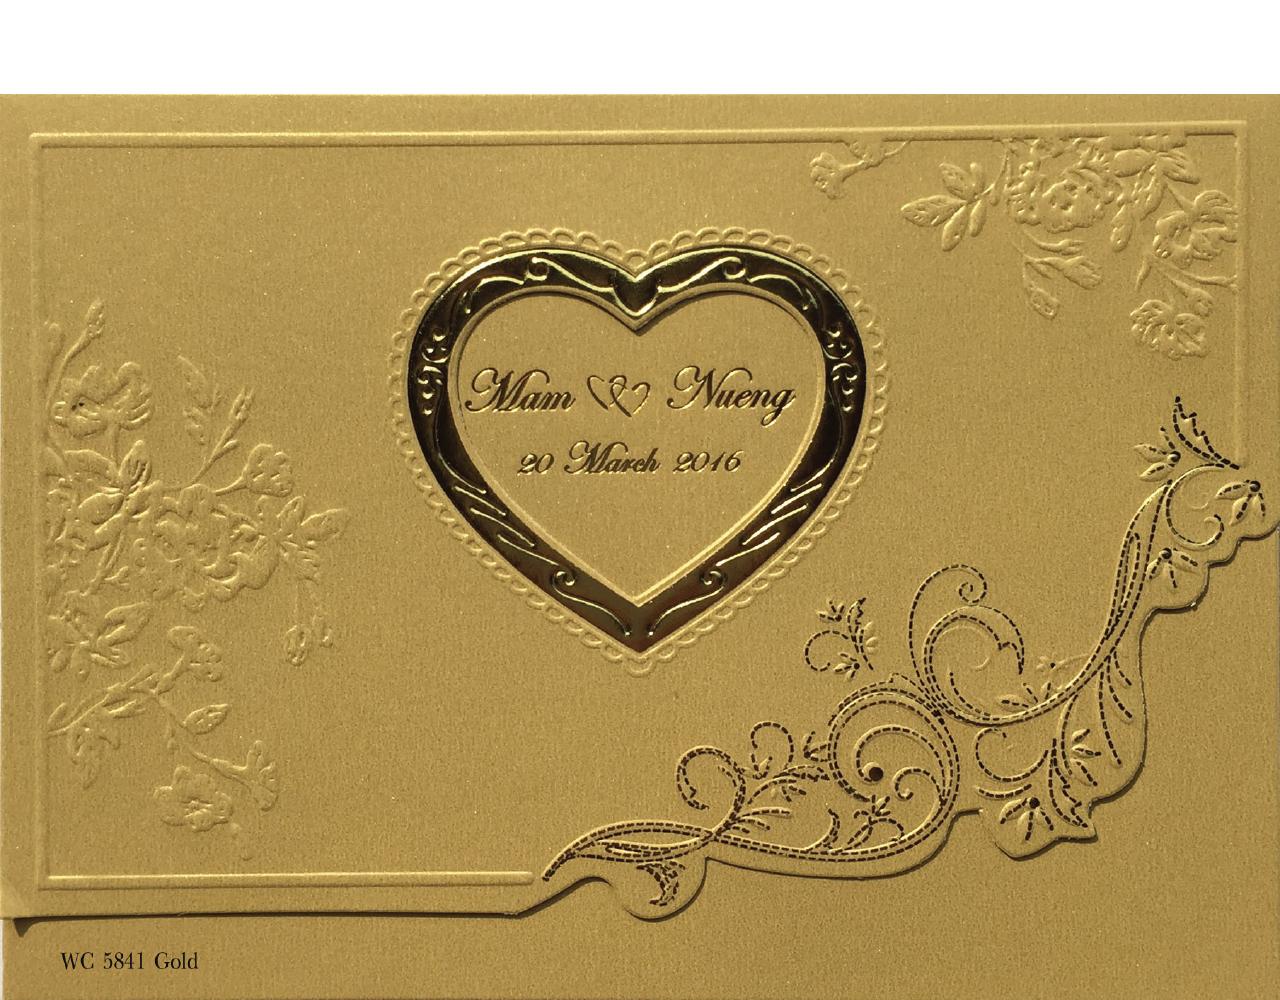 การ์ดแต่งงาน การ์ดเชิญงานแต่ง สามพับ ไดคัทหัวใจ ปั๊มนูน พิมพ์ทองบนลวดลาย wedding card 7.3 x 5.2 inch wc 5841 Gold